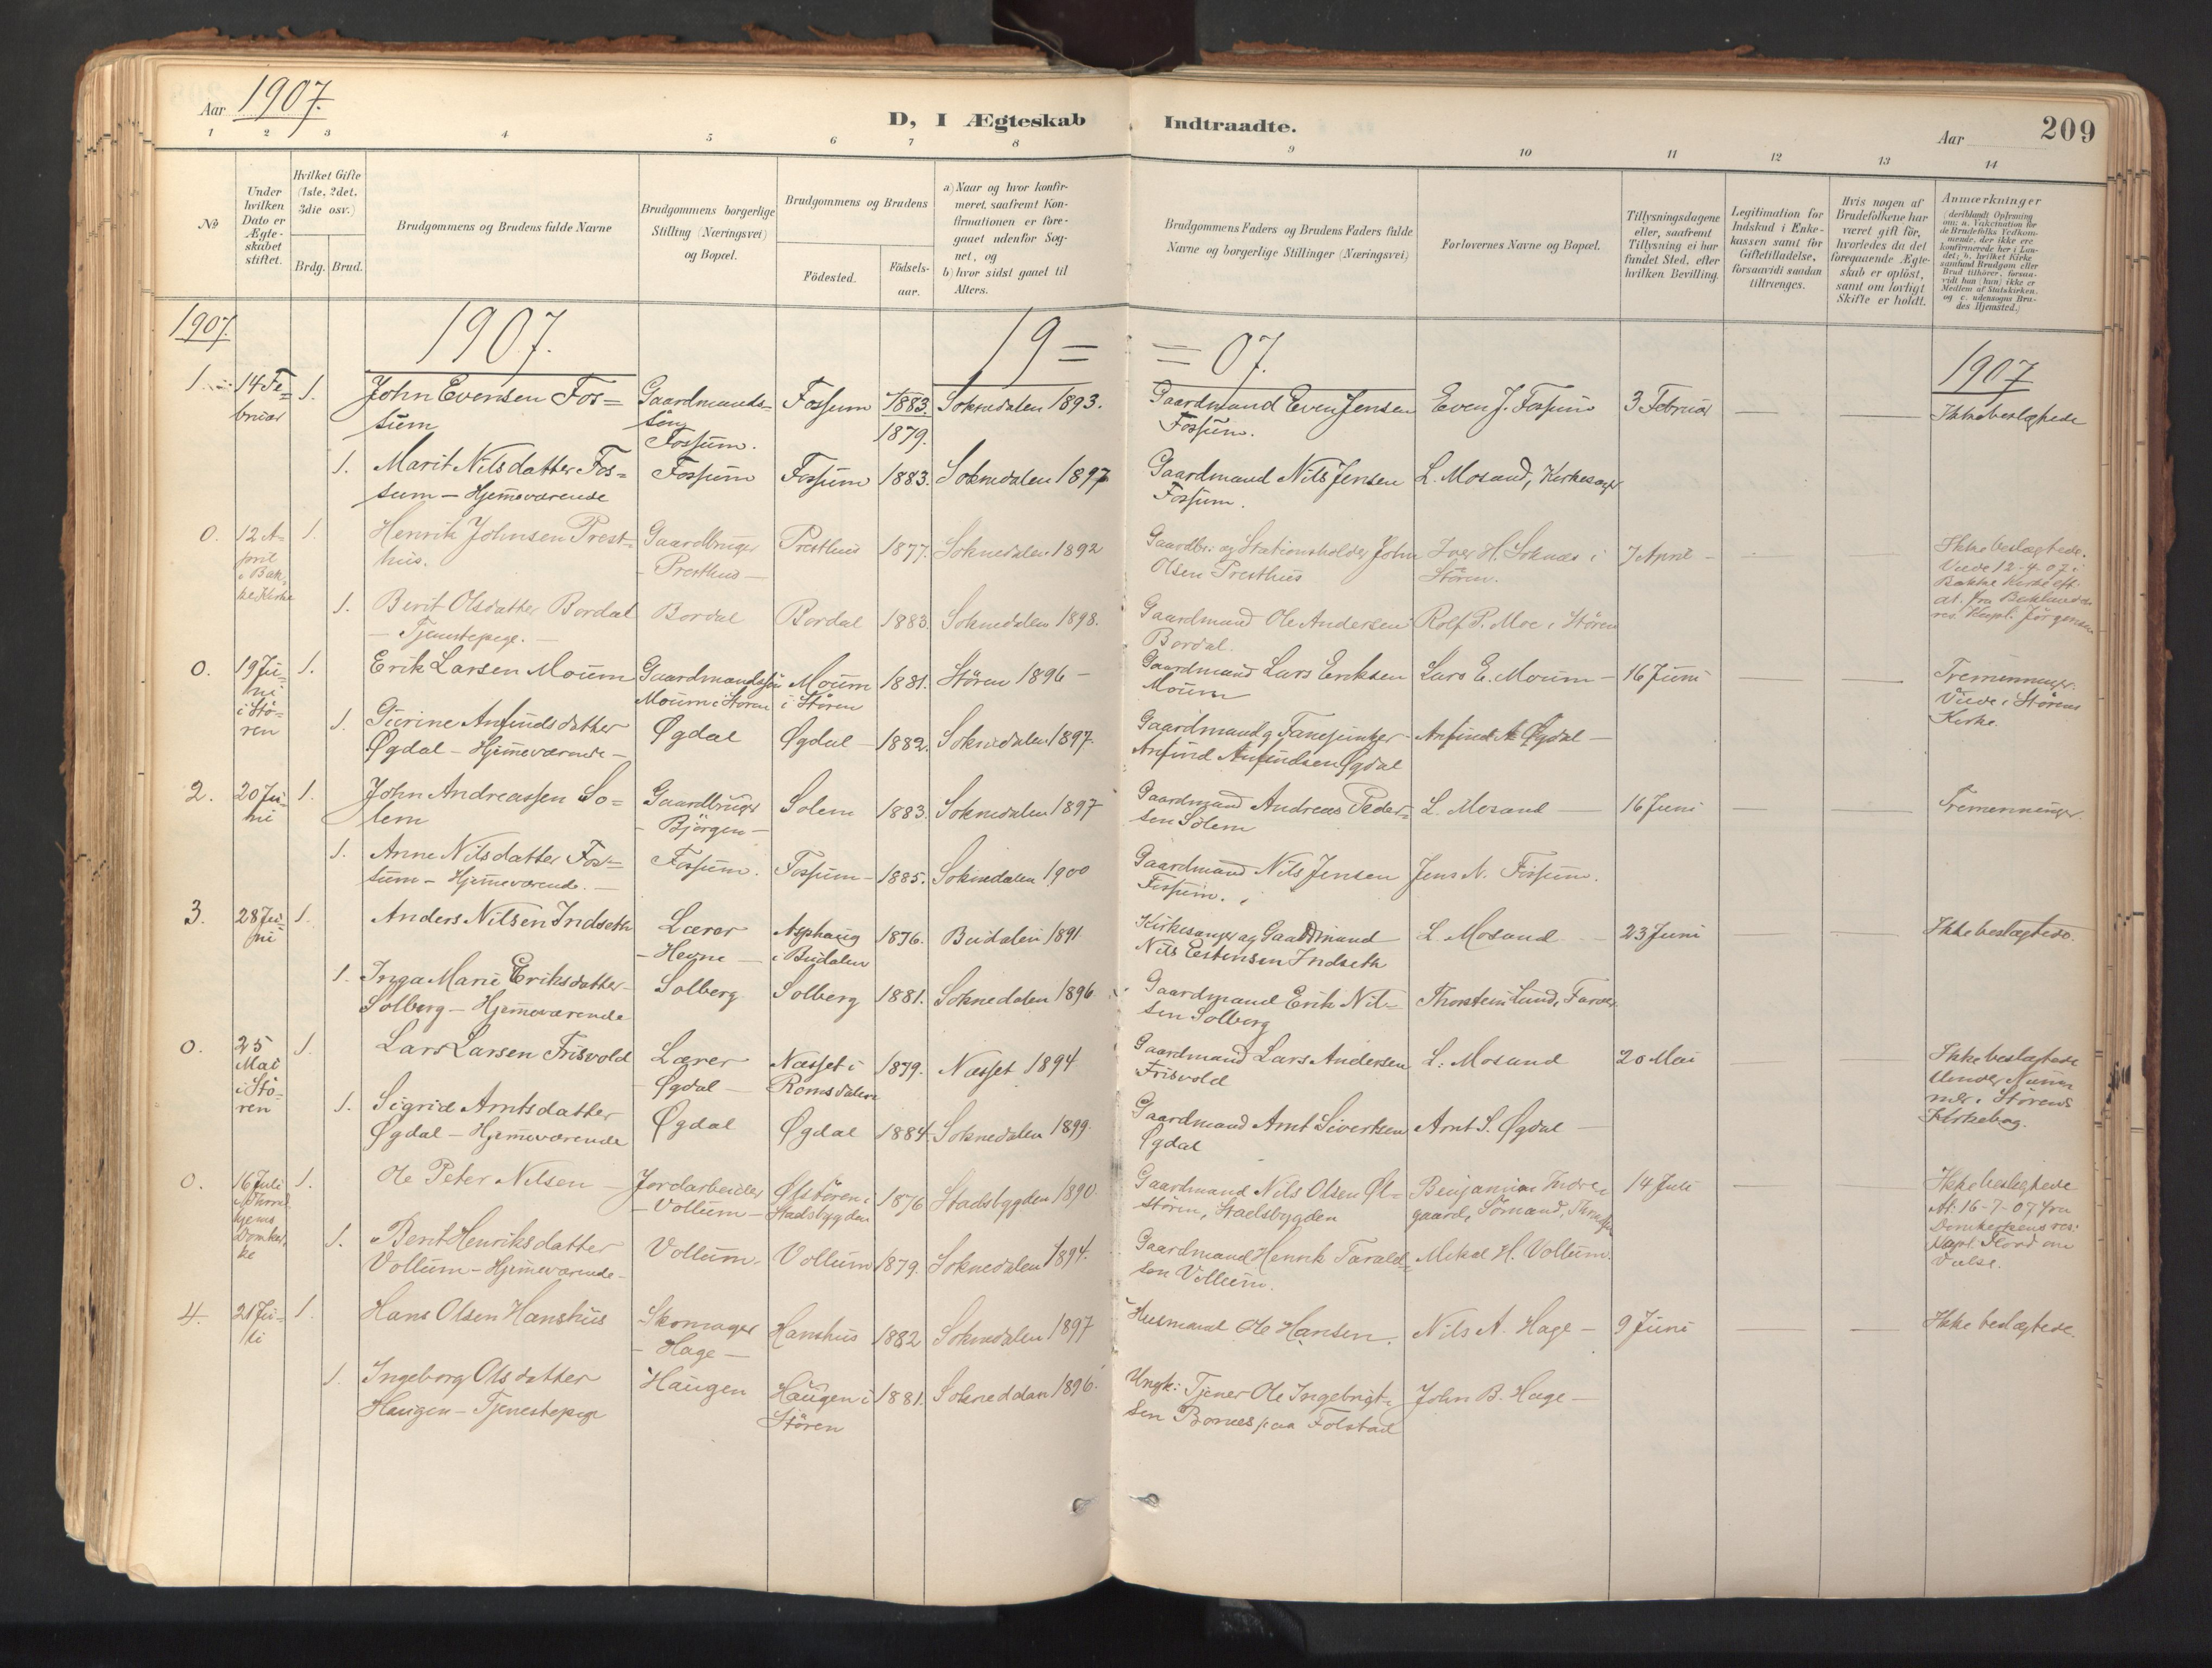 SAT, Ministerialprotokoller, klokkerbøker og fødselsregistre - Sør-Trøndelag, 689/L1041: Ministerialbok nr. 689A06, 1891-1923, s. 209